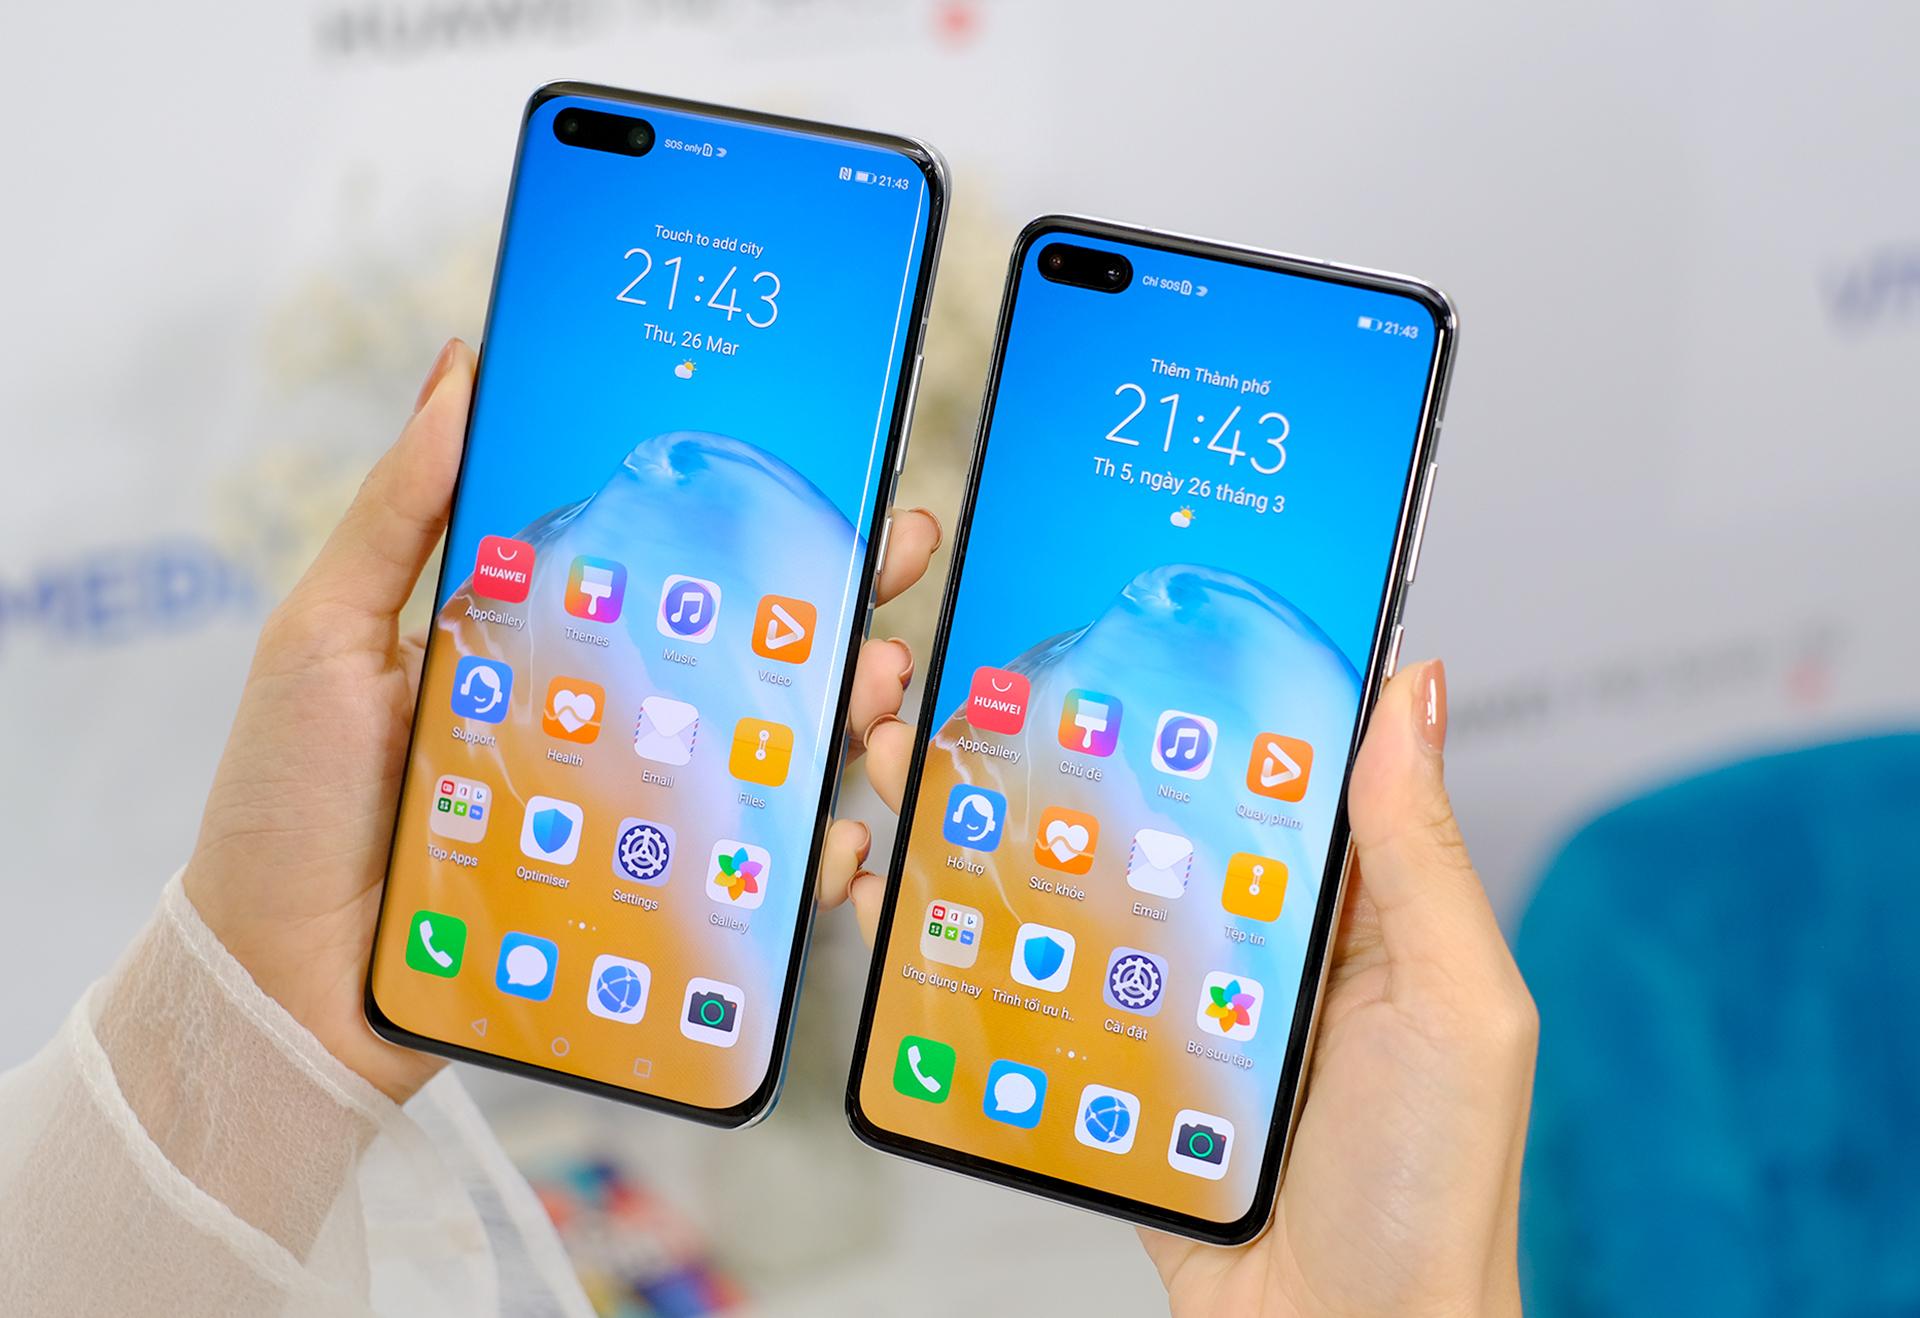 Huawei P40 Pro+ và P40 Pro là những mẫu điện thoại hiếm hoi của Huawei được bán tại Việt Nam gần đây. Ảnh: Tuấn Hưng